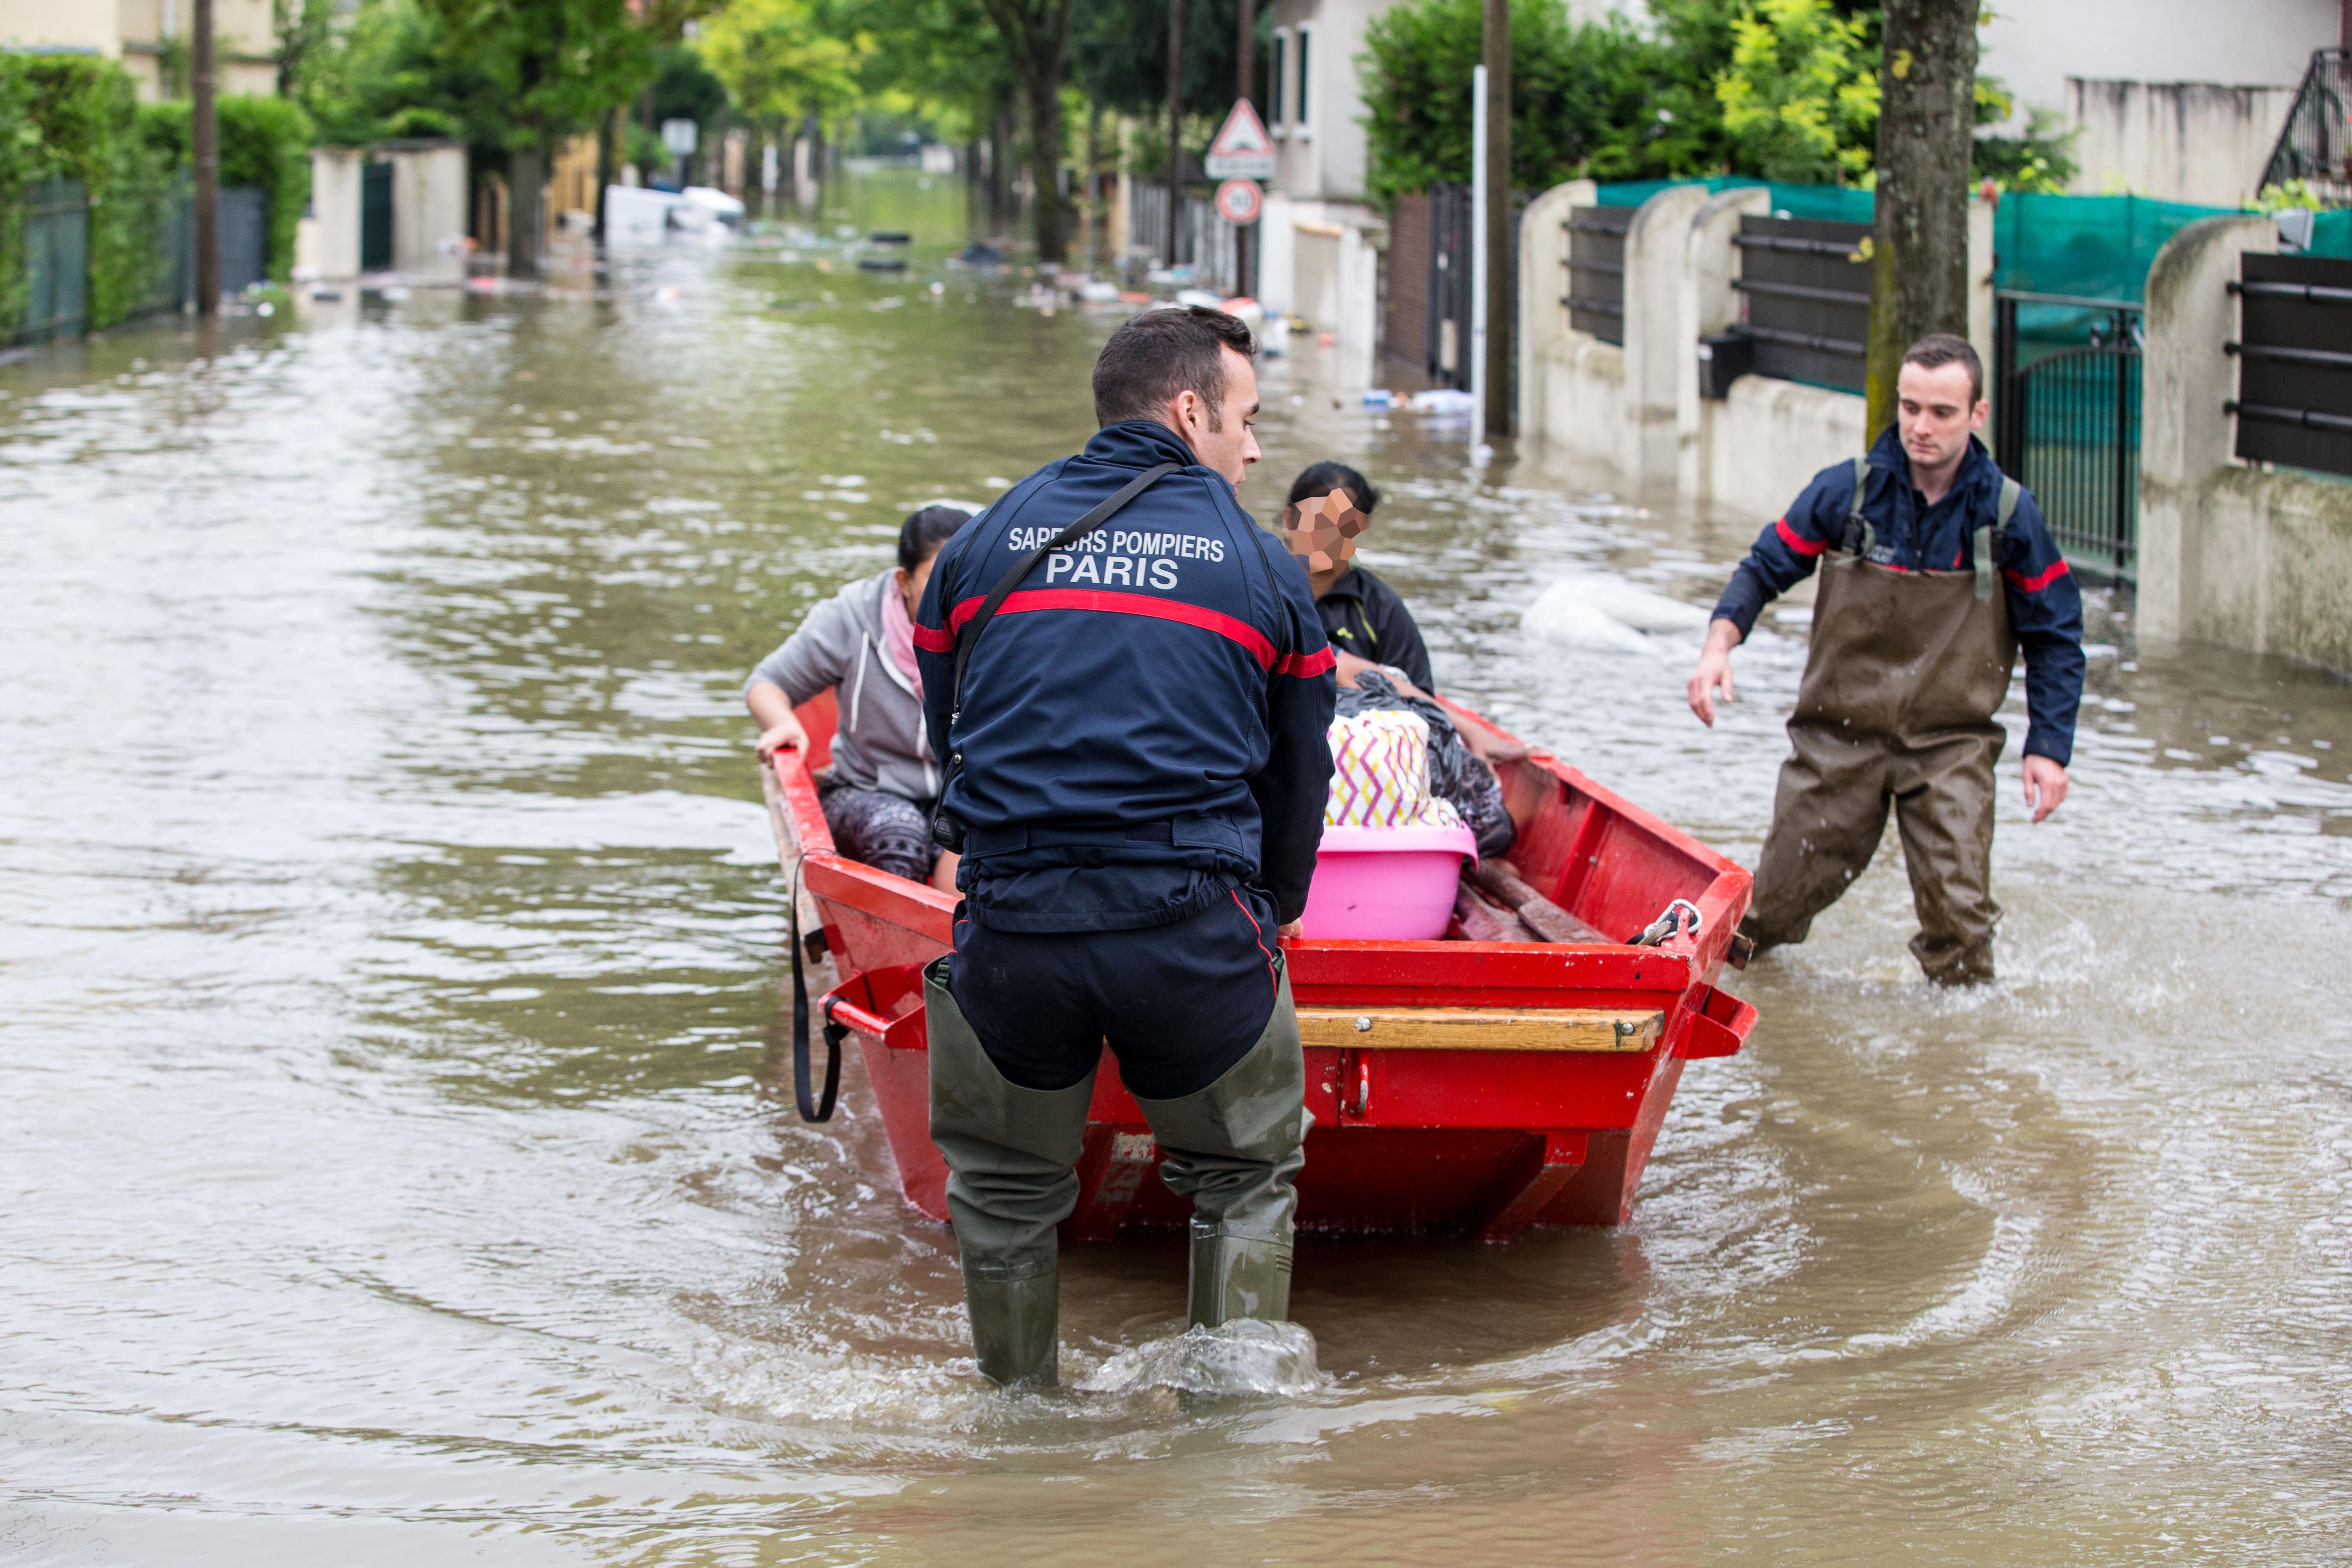 Pompiers de Paris Villeneuve Saint Georges Juin 2016 Photo Mickael Lefevre 3